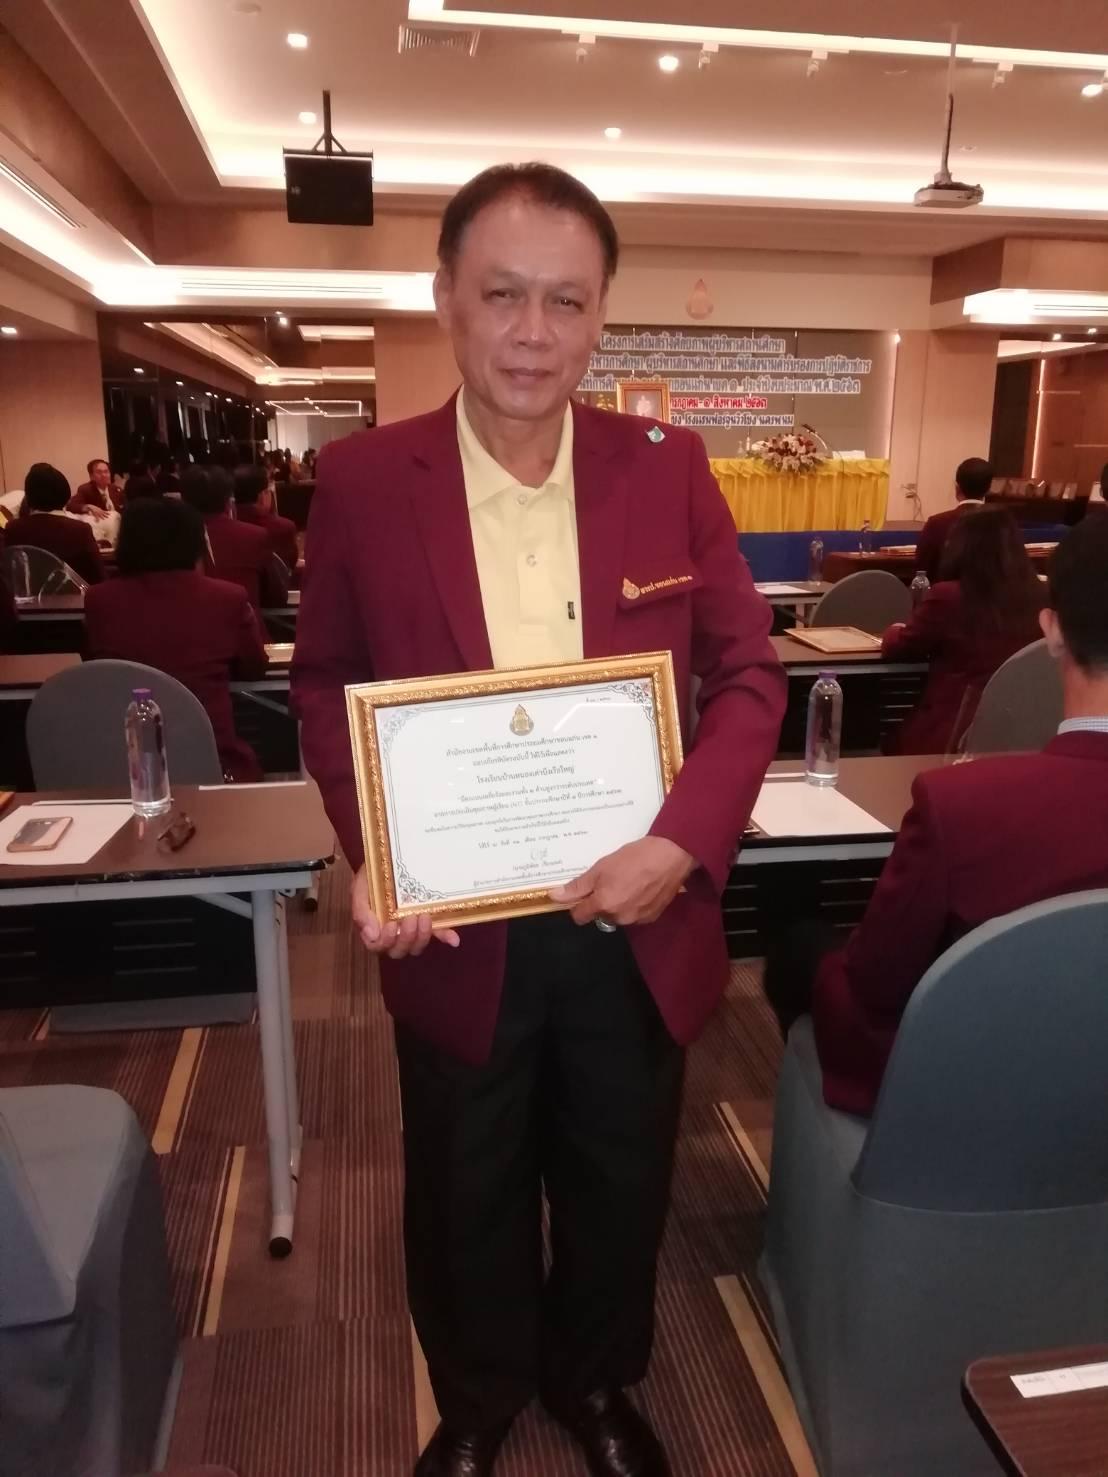 นายกมลเทพ ลำเหลือ ผู้อำนวยการโรงเรียนบ้านหนองเต่าบึงเรือใหญ่ โทร : 091-8652542 Email : Kamontheap29@gmail.com